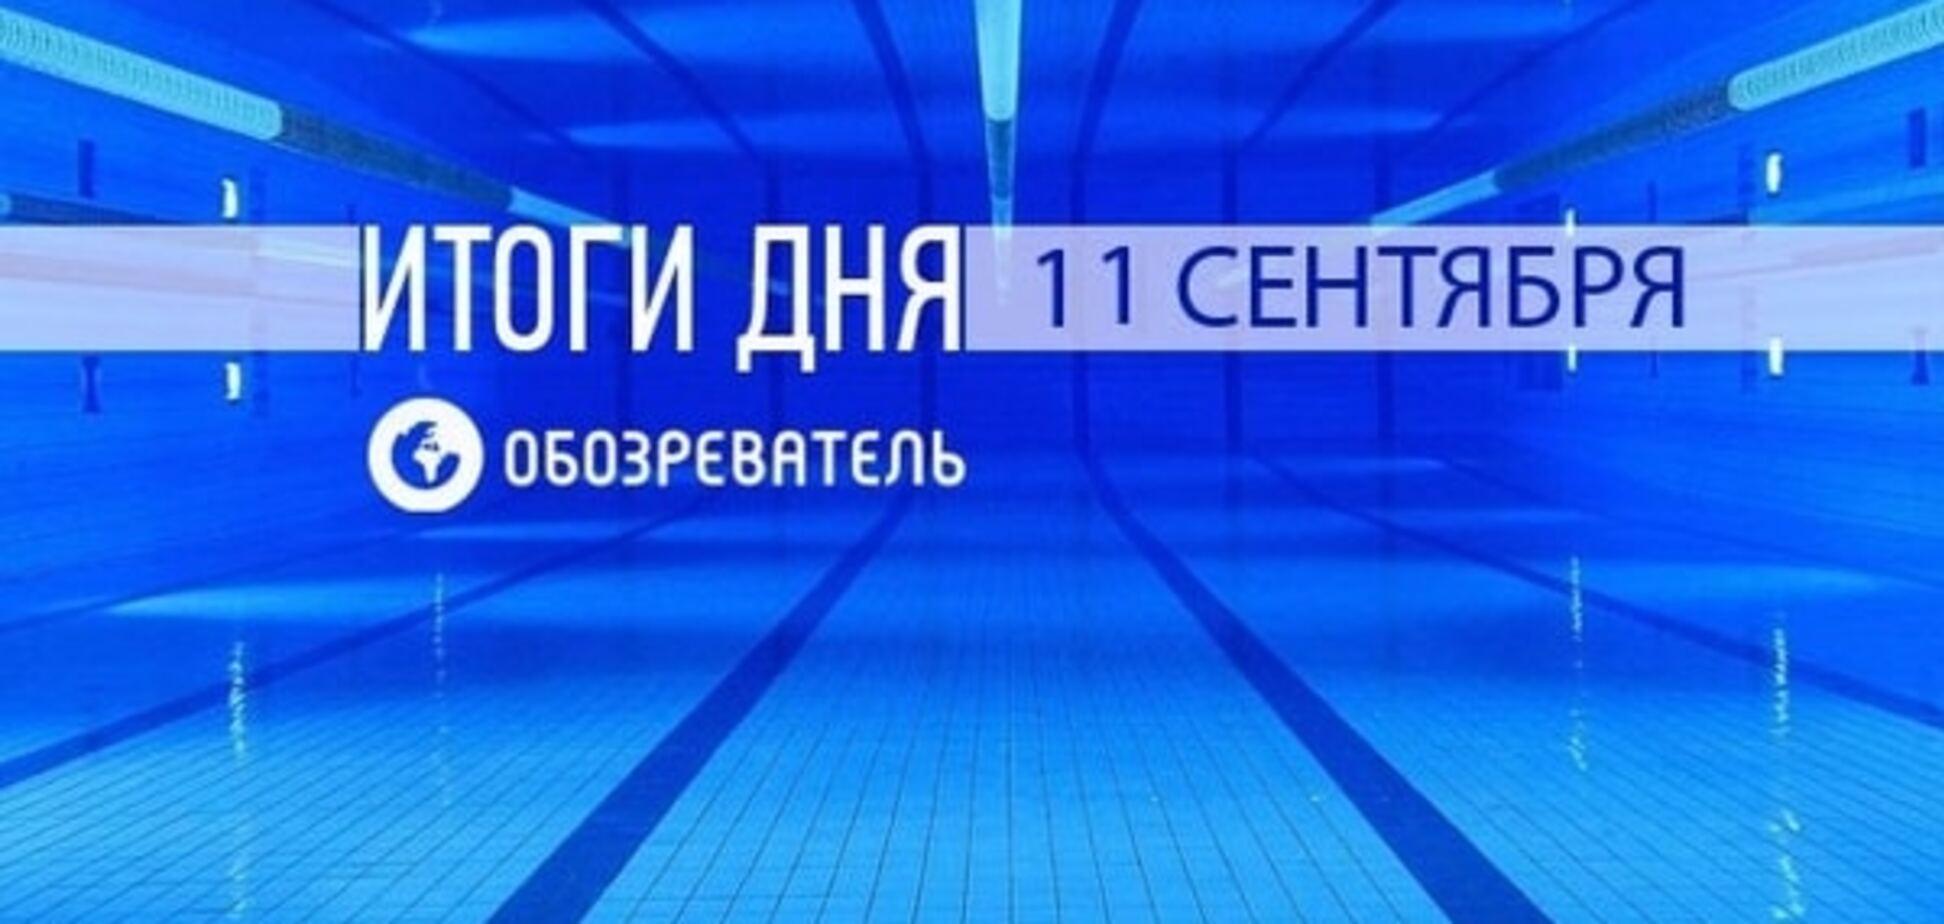 Тренер Росії принизливо обматюкав гравця. Спортивні підсумки 11 вересня